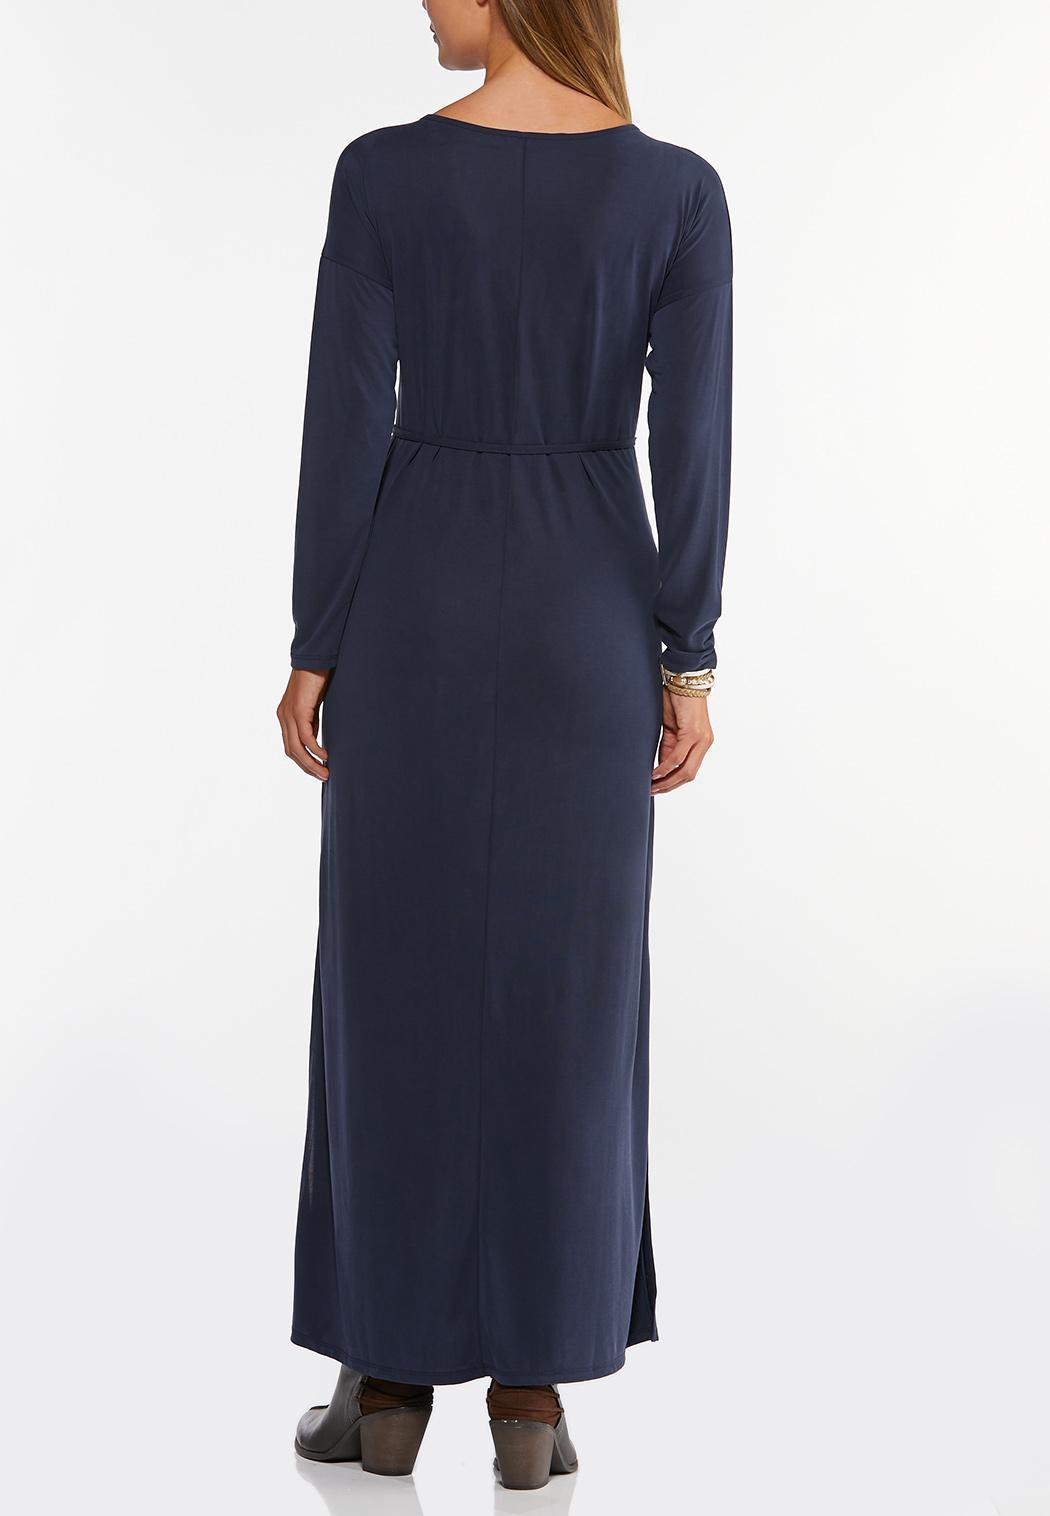 Navy Belted Waist Maxi Dress (Item #44405275)